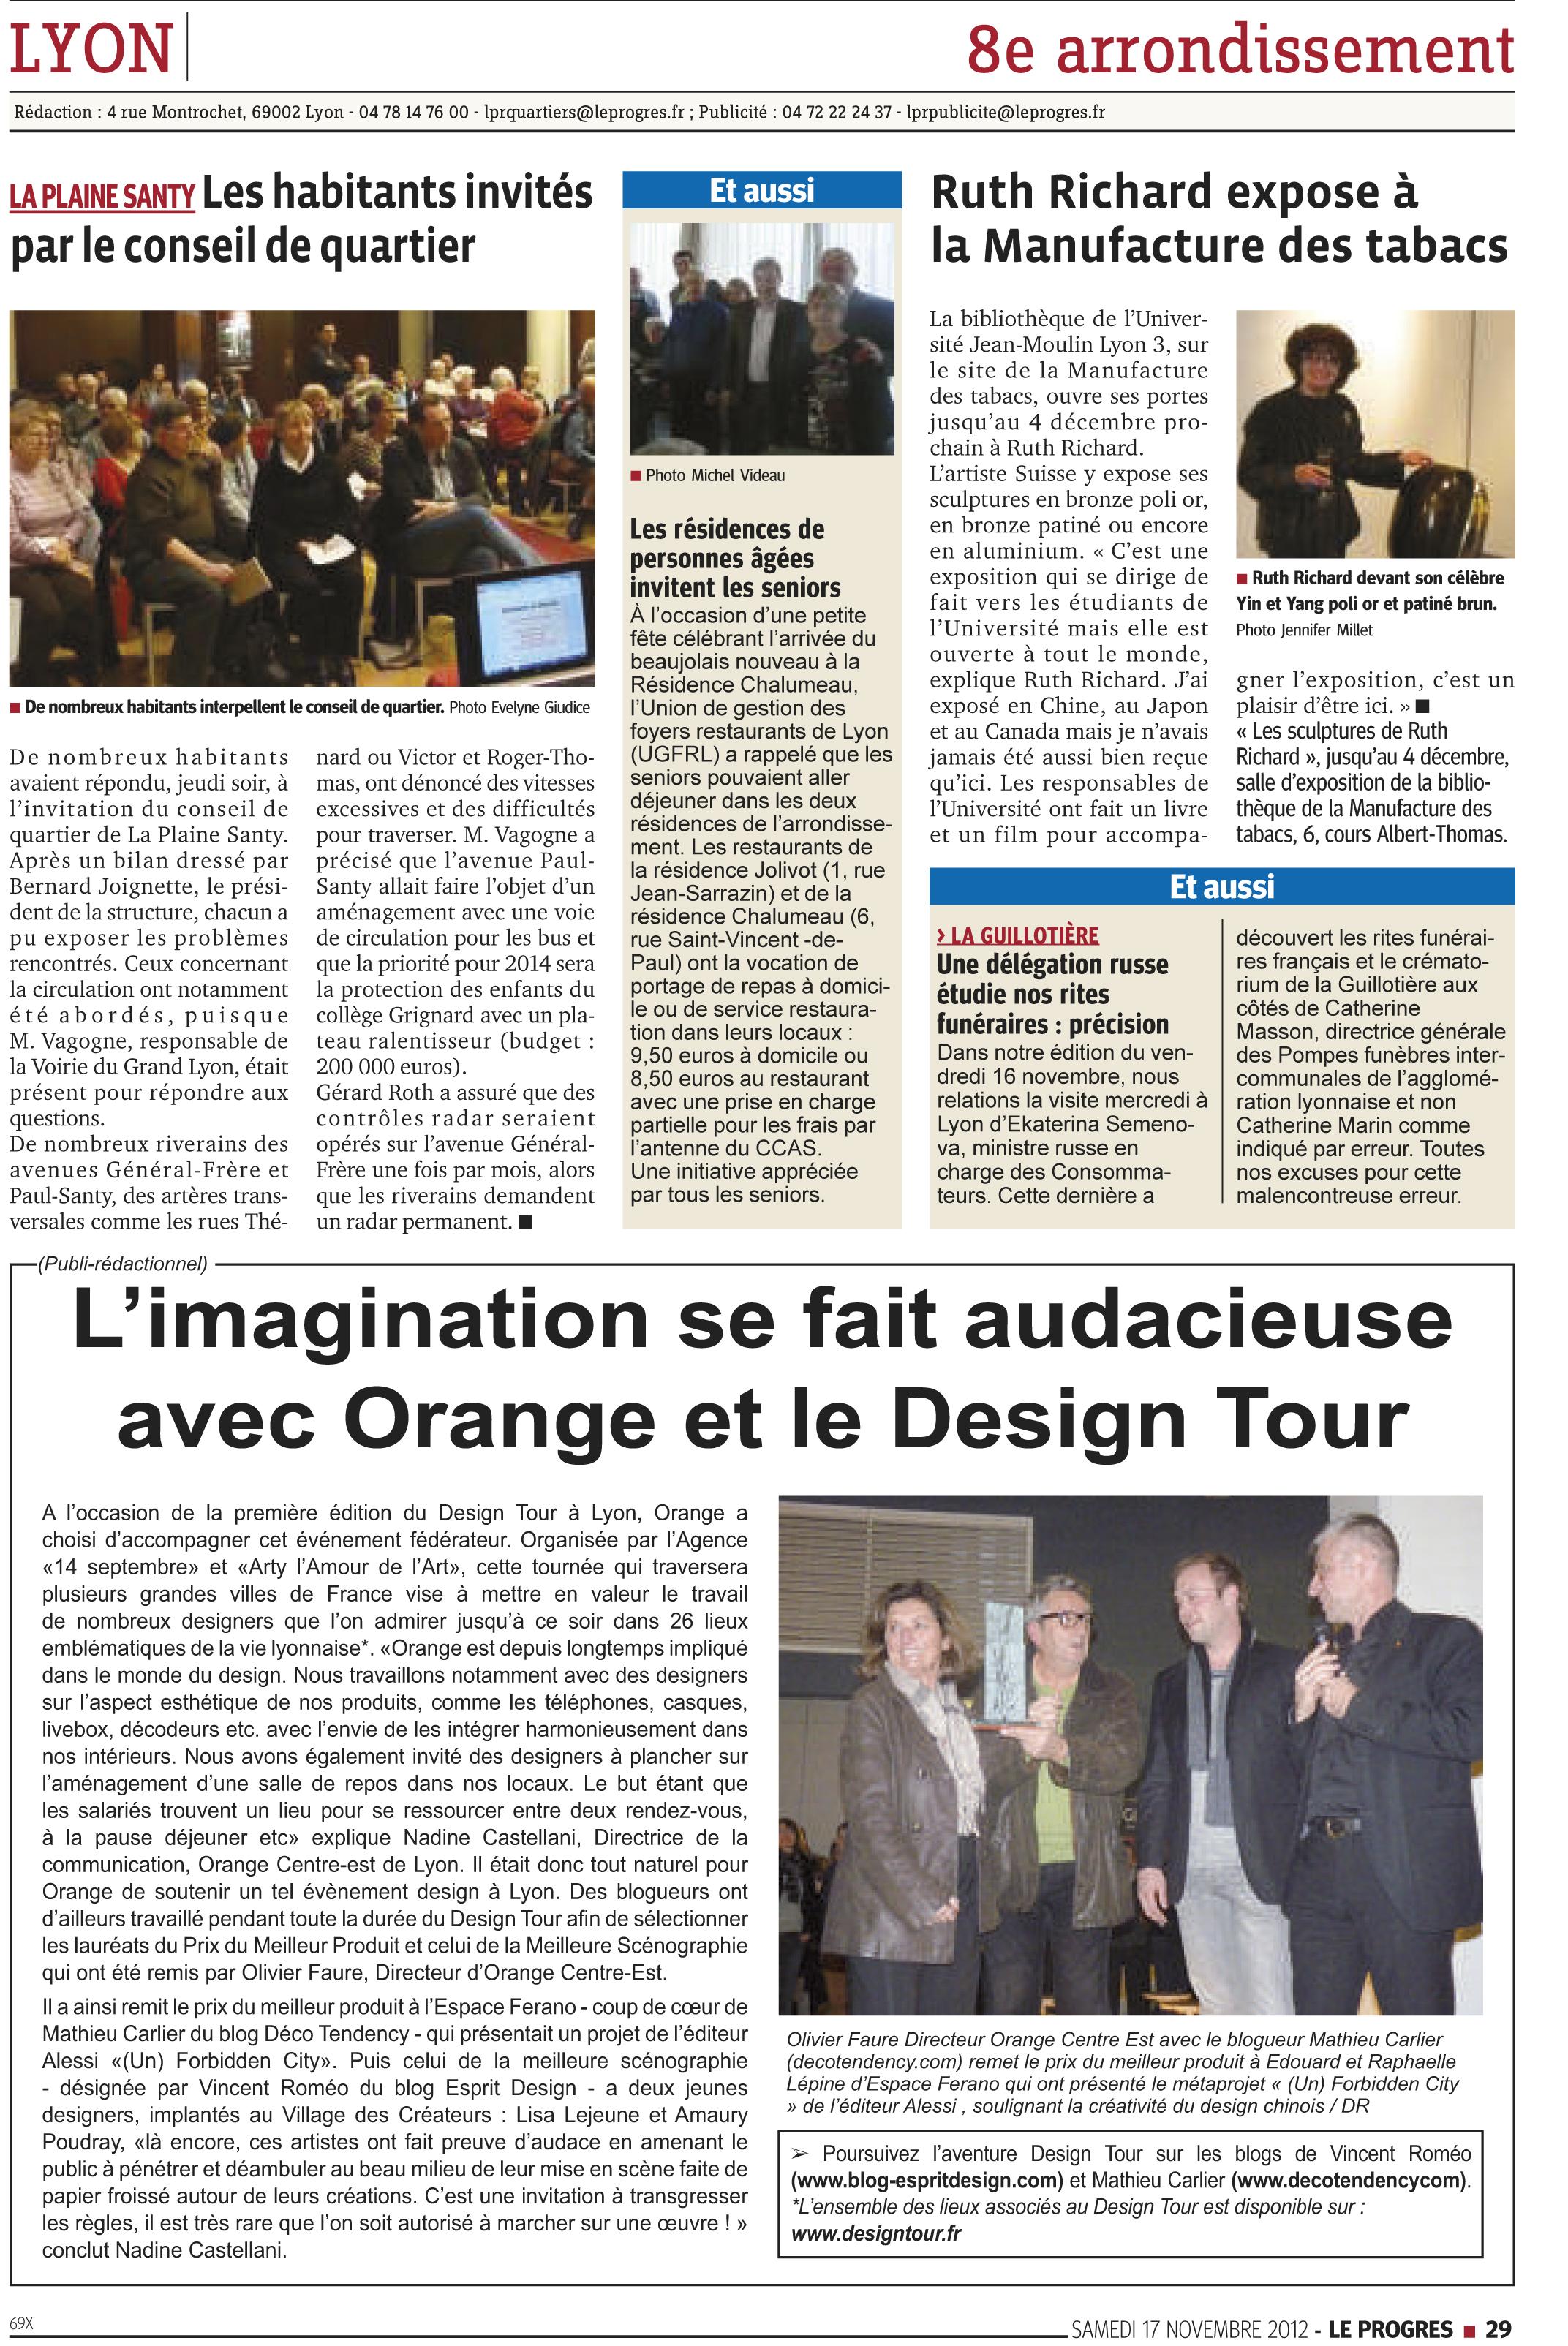 Design Tour Article Le Progrès